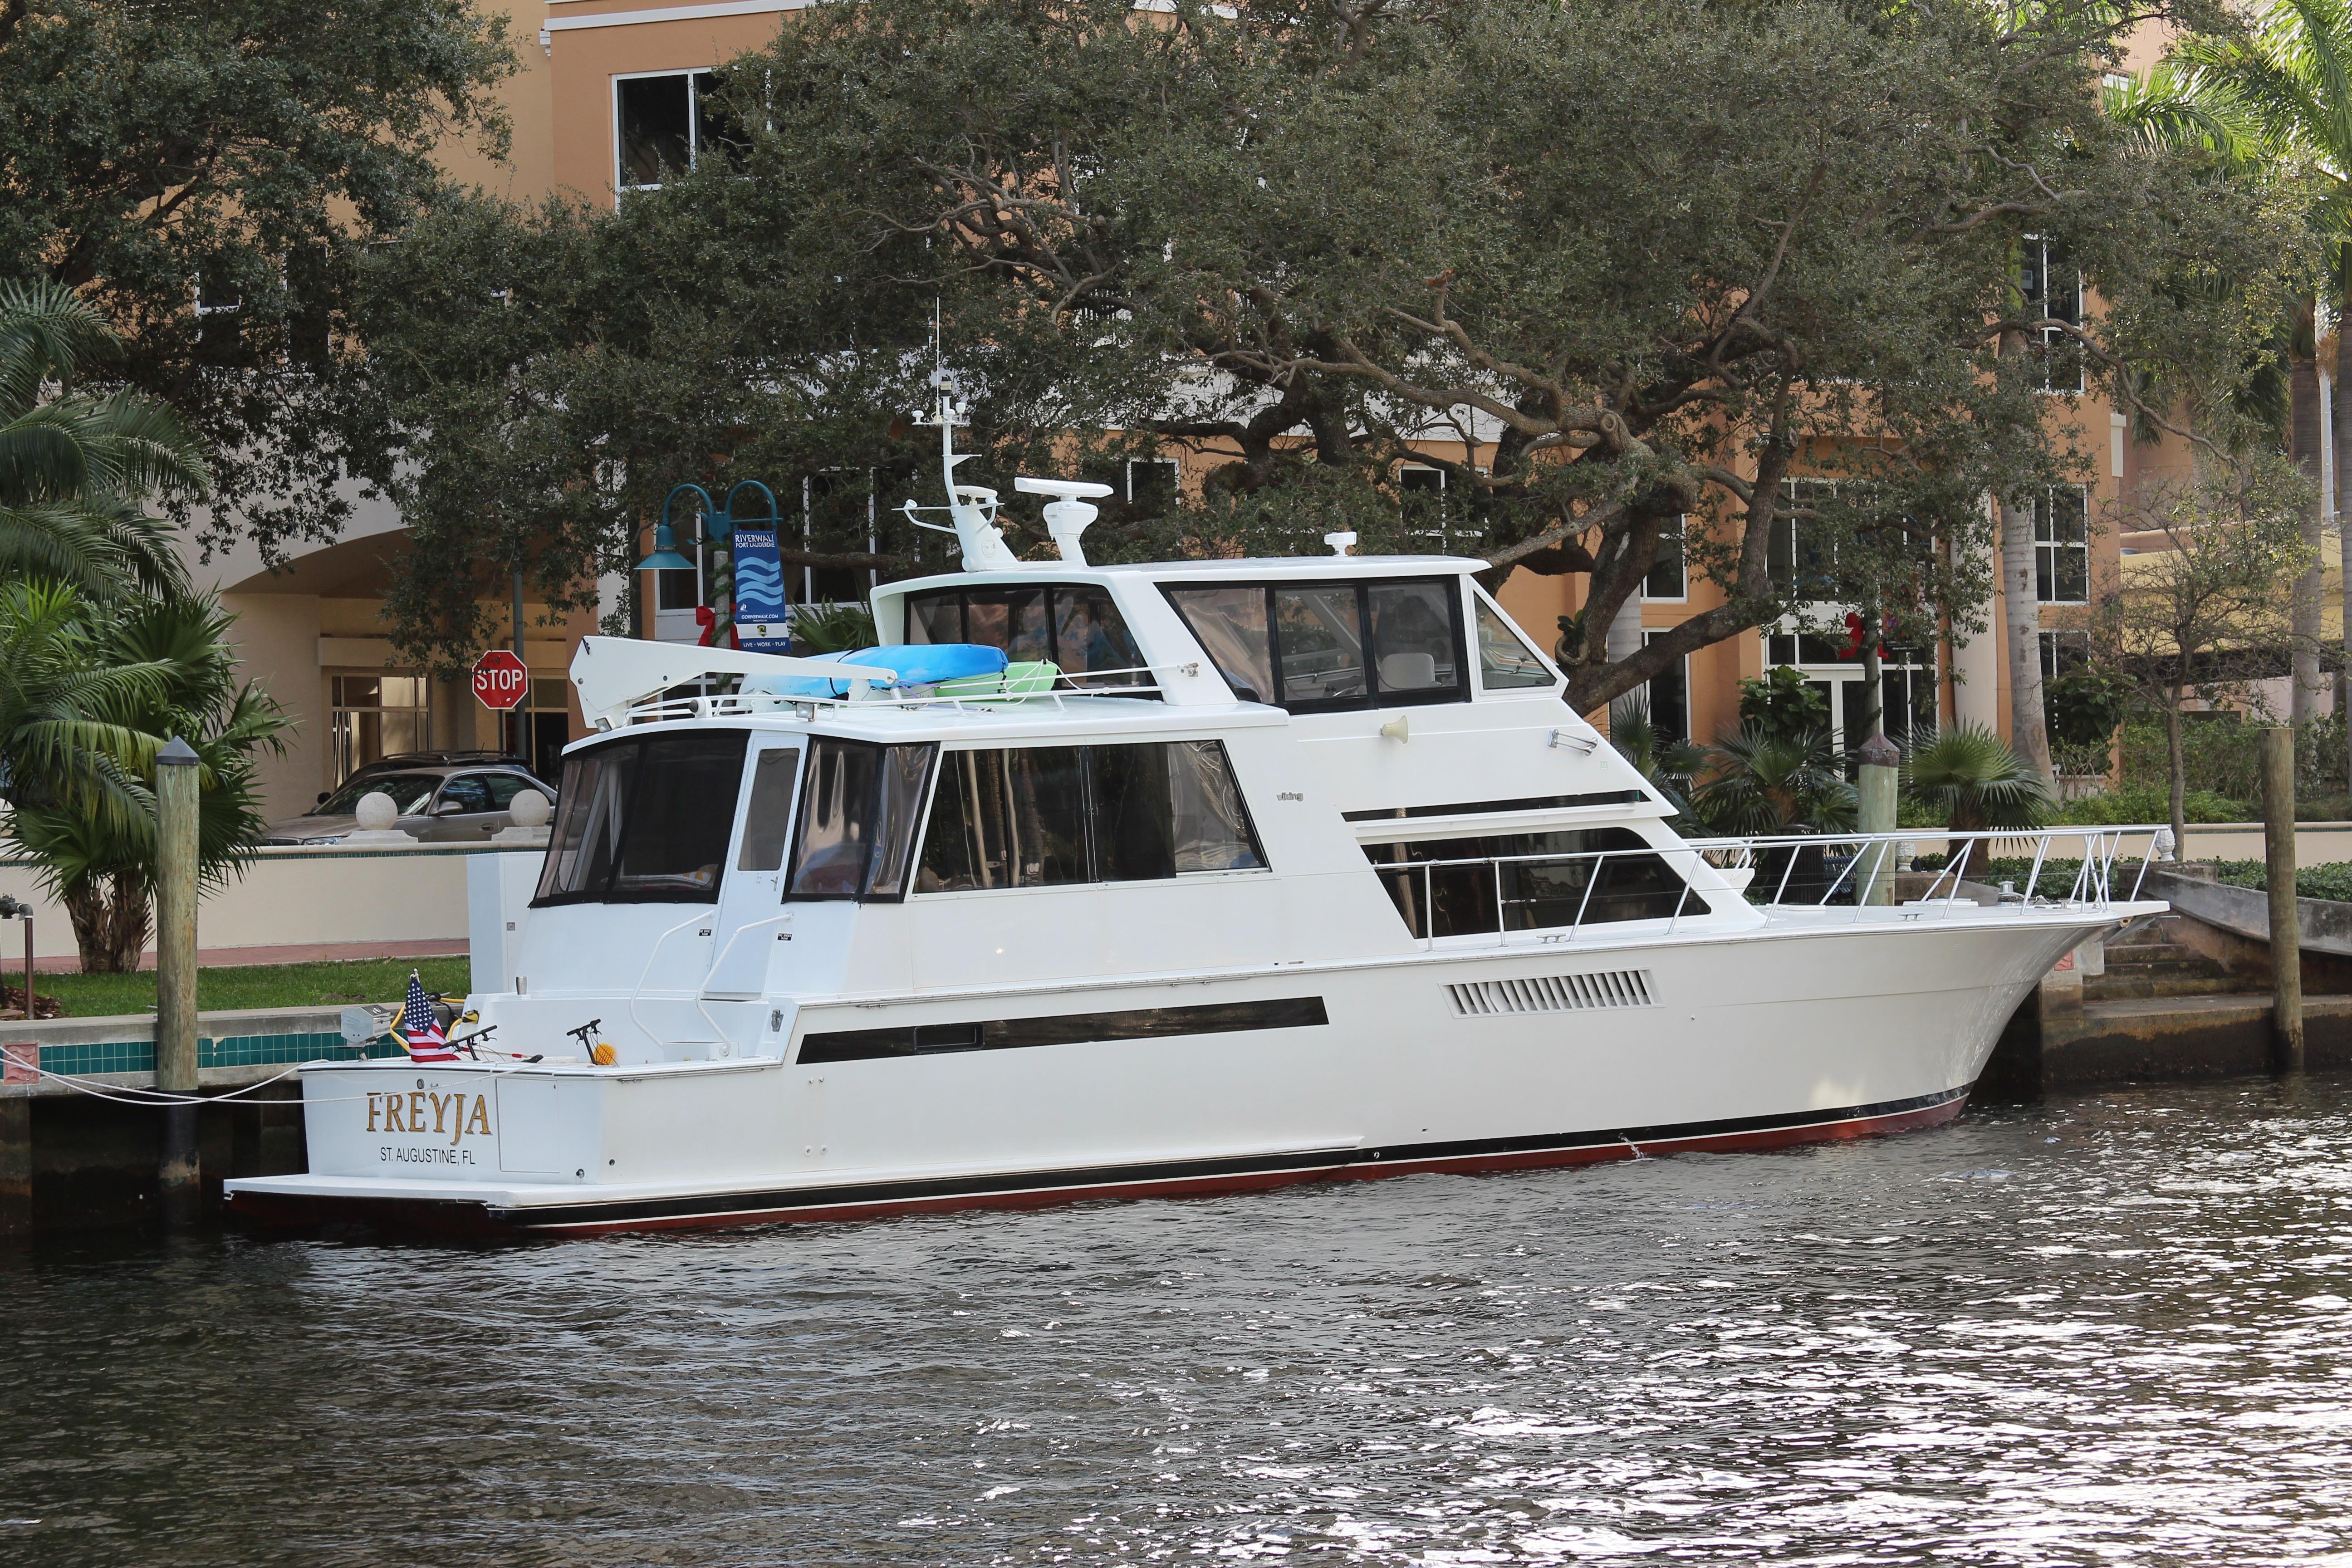 60 viking 1998 freyja for sale in ft lauderdale florida for 60 viking motor yacht for sale